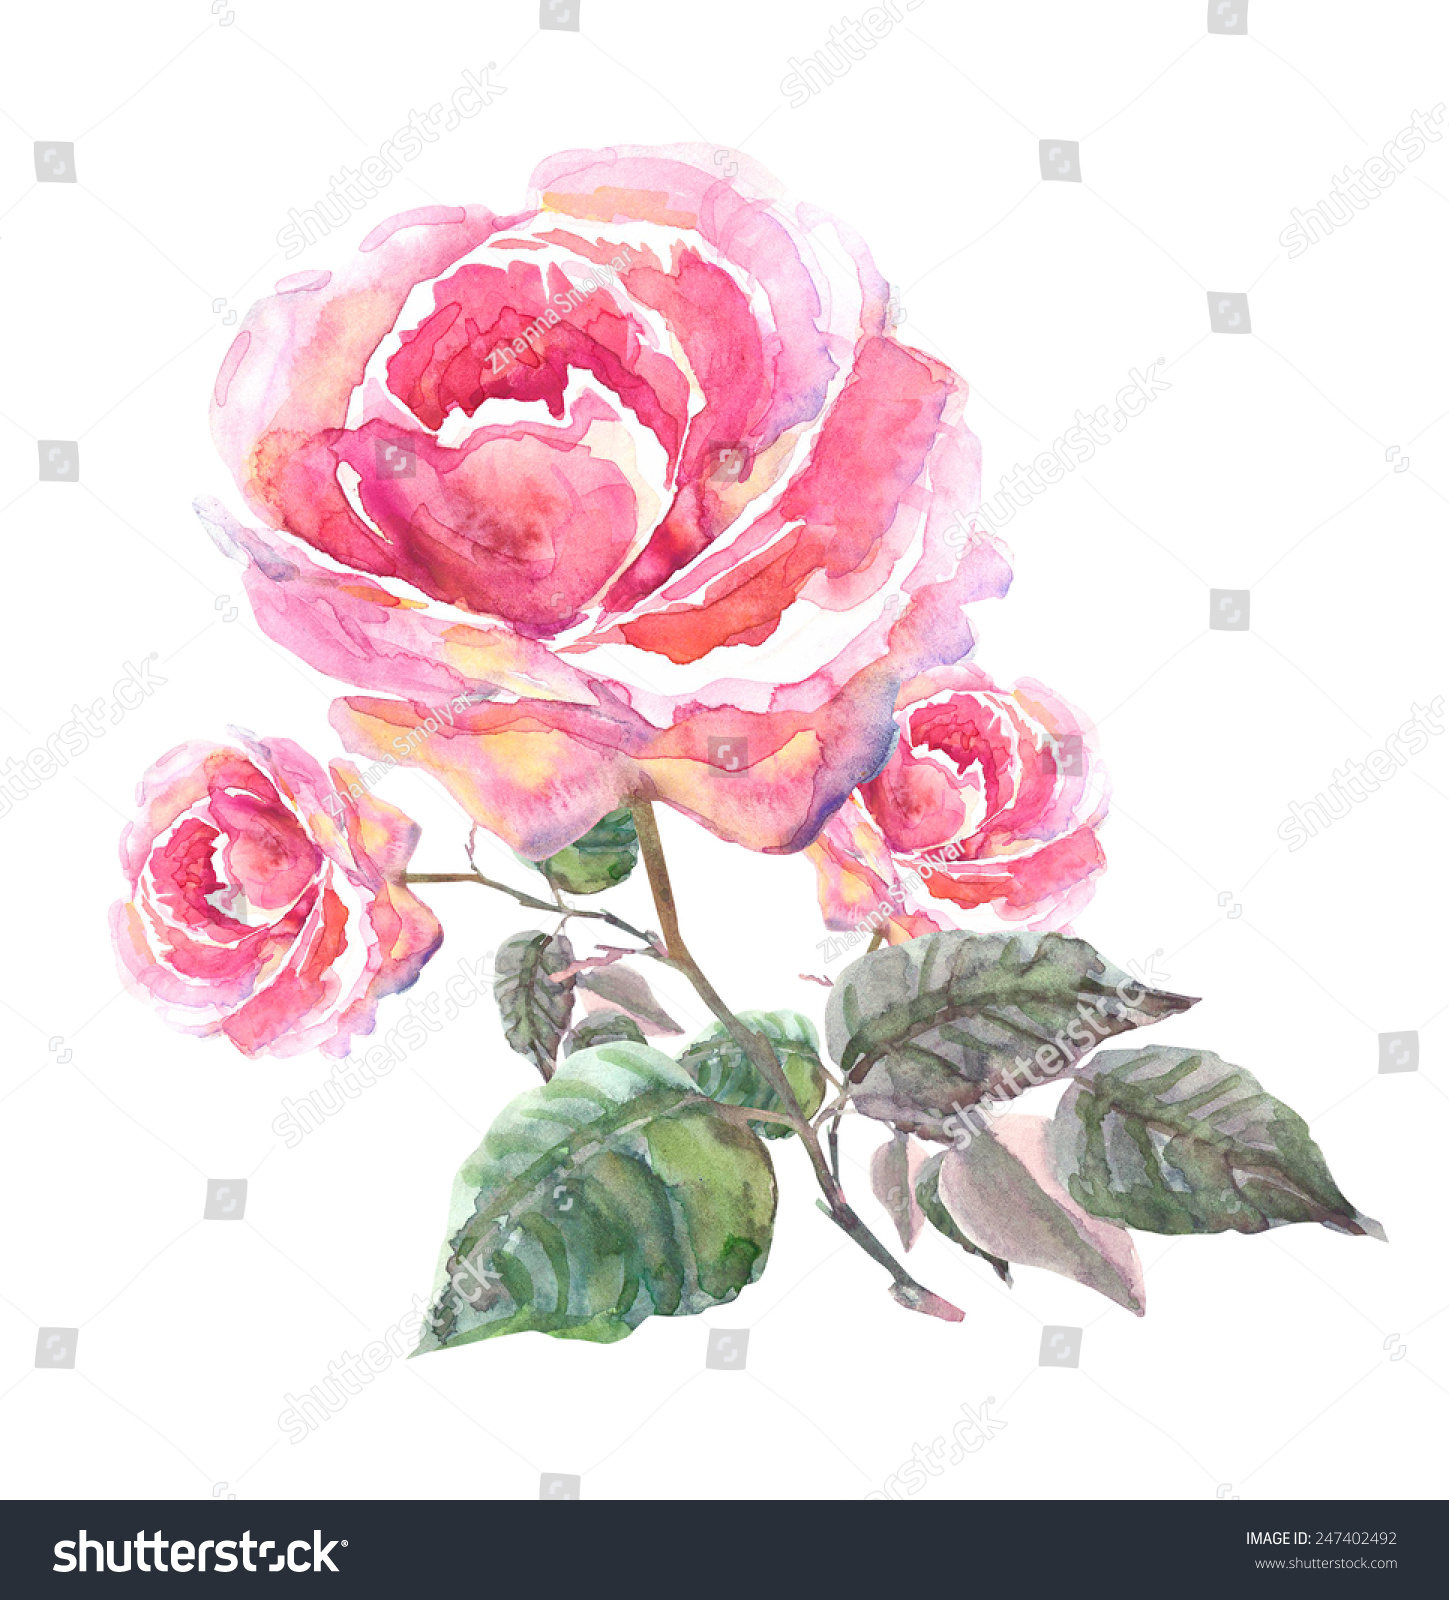 抽象创意手绘花